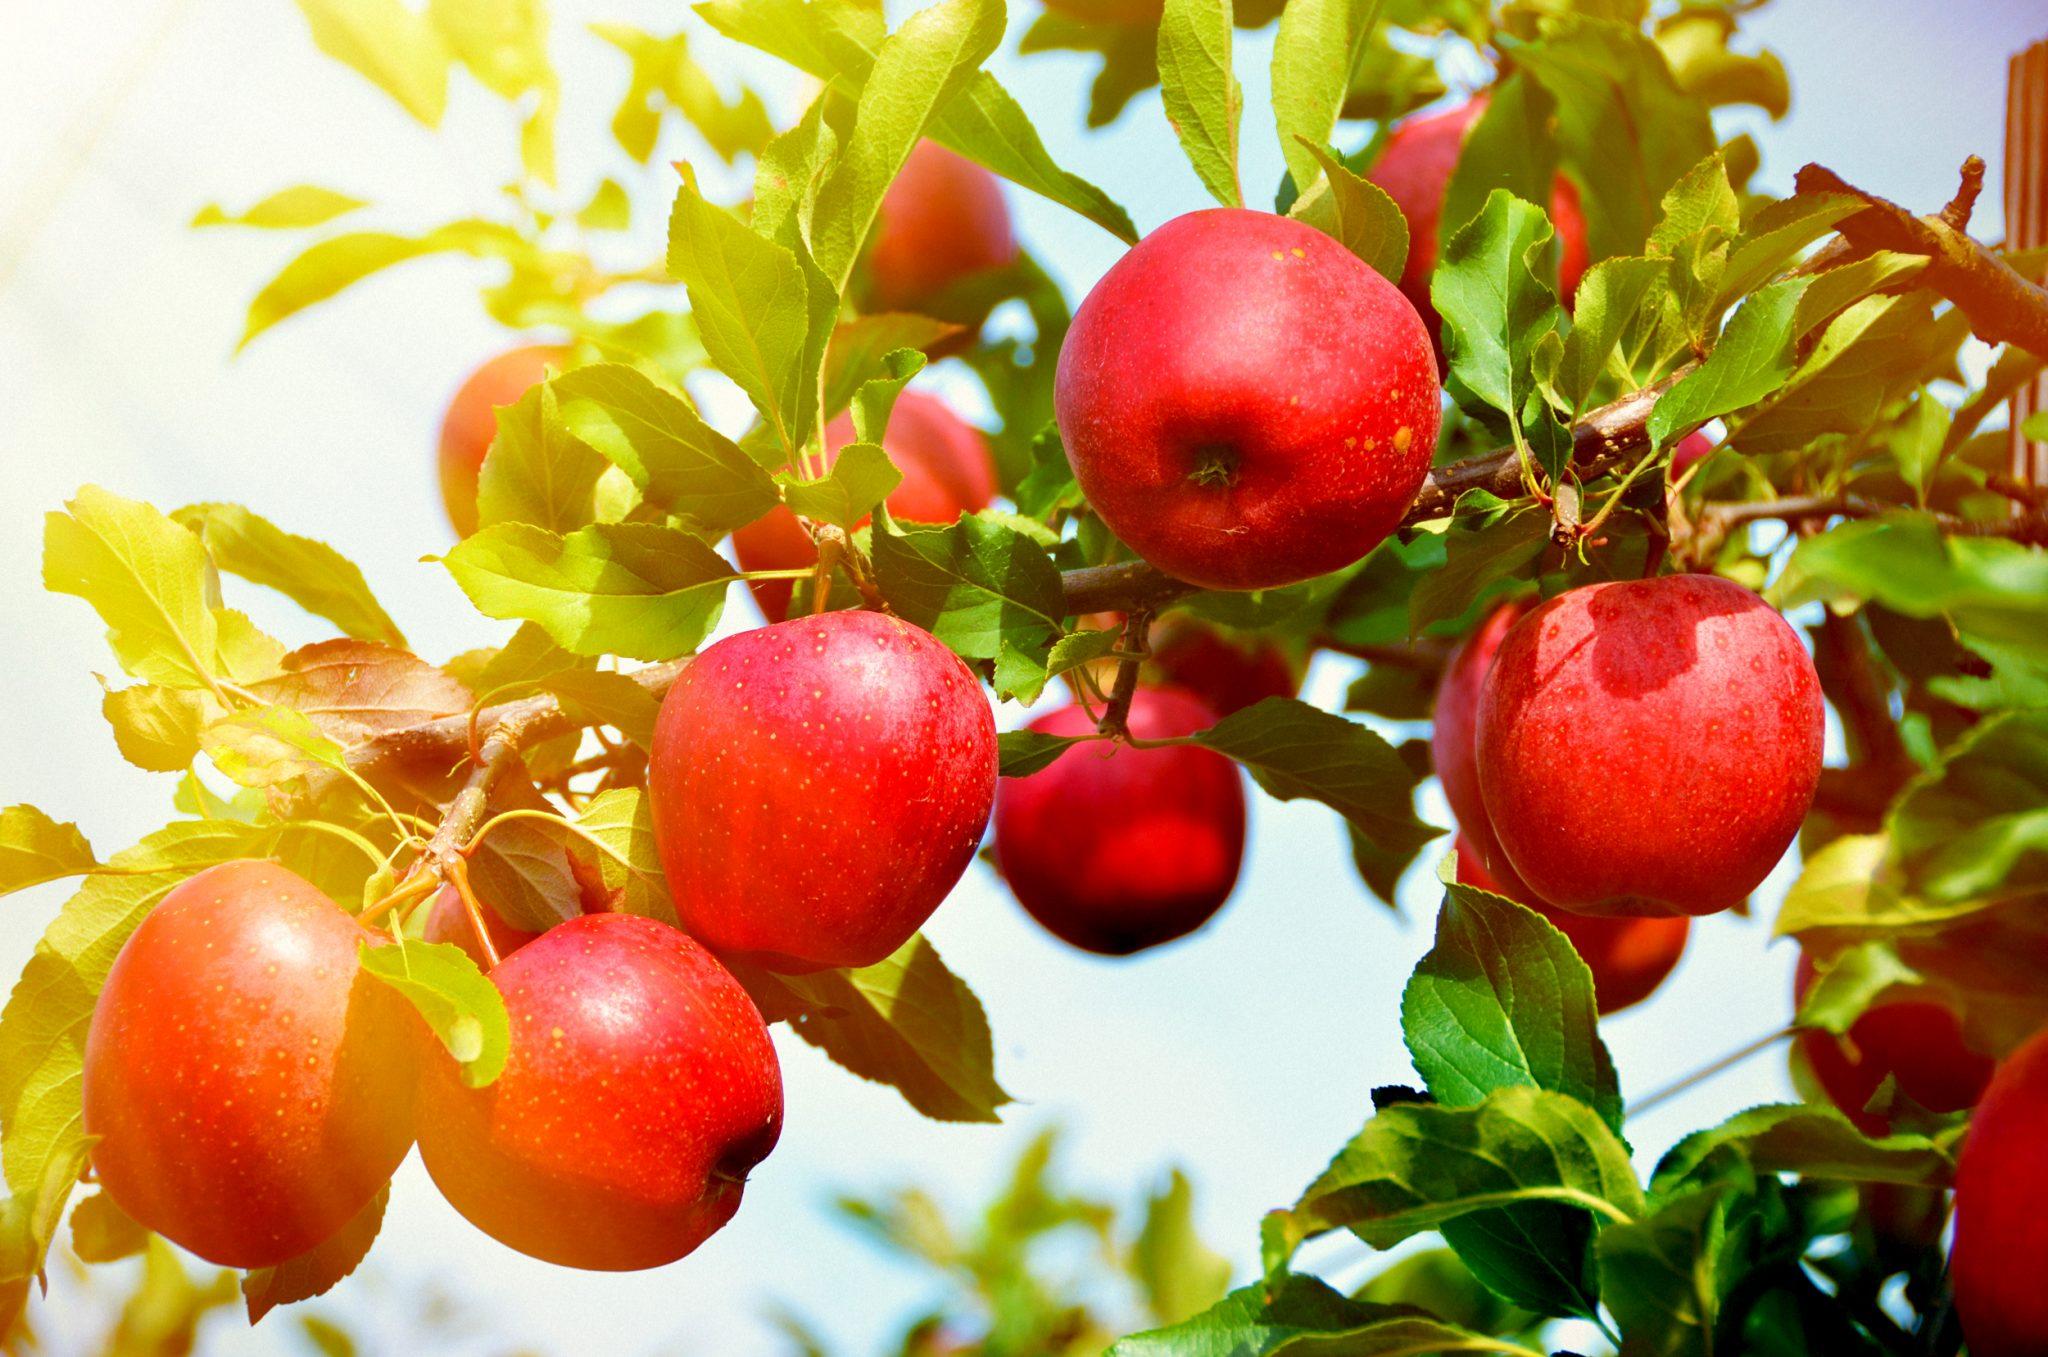 木に実っているりんご